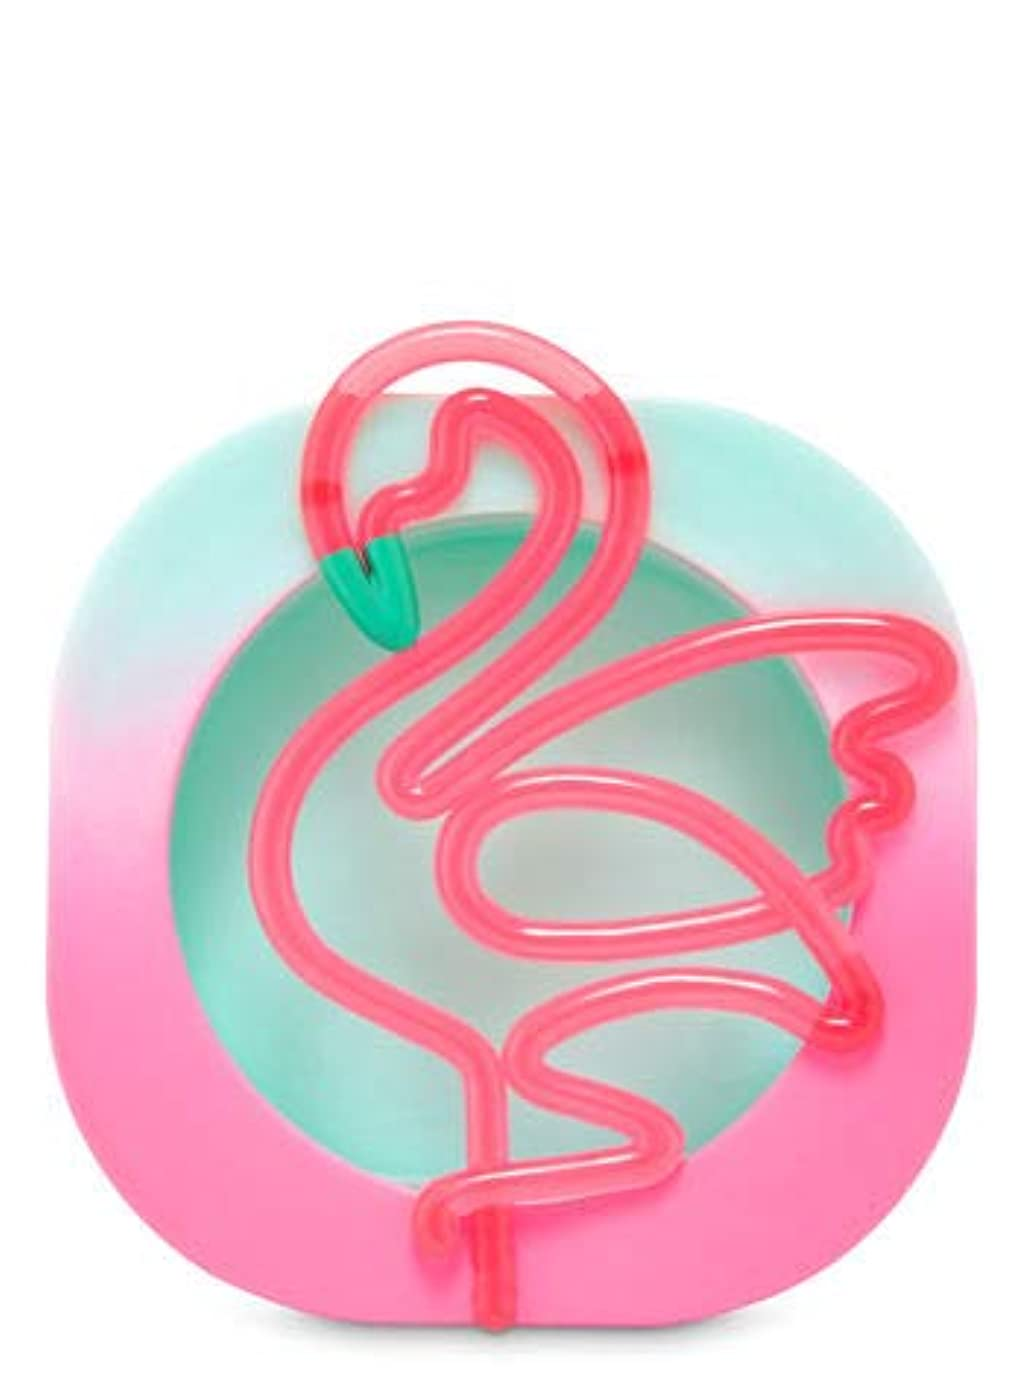 世界おんどり頼る【Bath&Body Works/バス&ボディワークス】 クリップ式芳香剤 セントポータブル ホルダー (本体ケースのみ) ネオンフラミンゴ Scentportable Holder Neon Flamingo [並行輸入品]